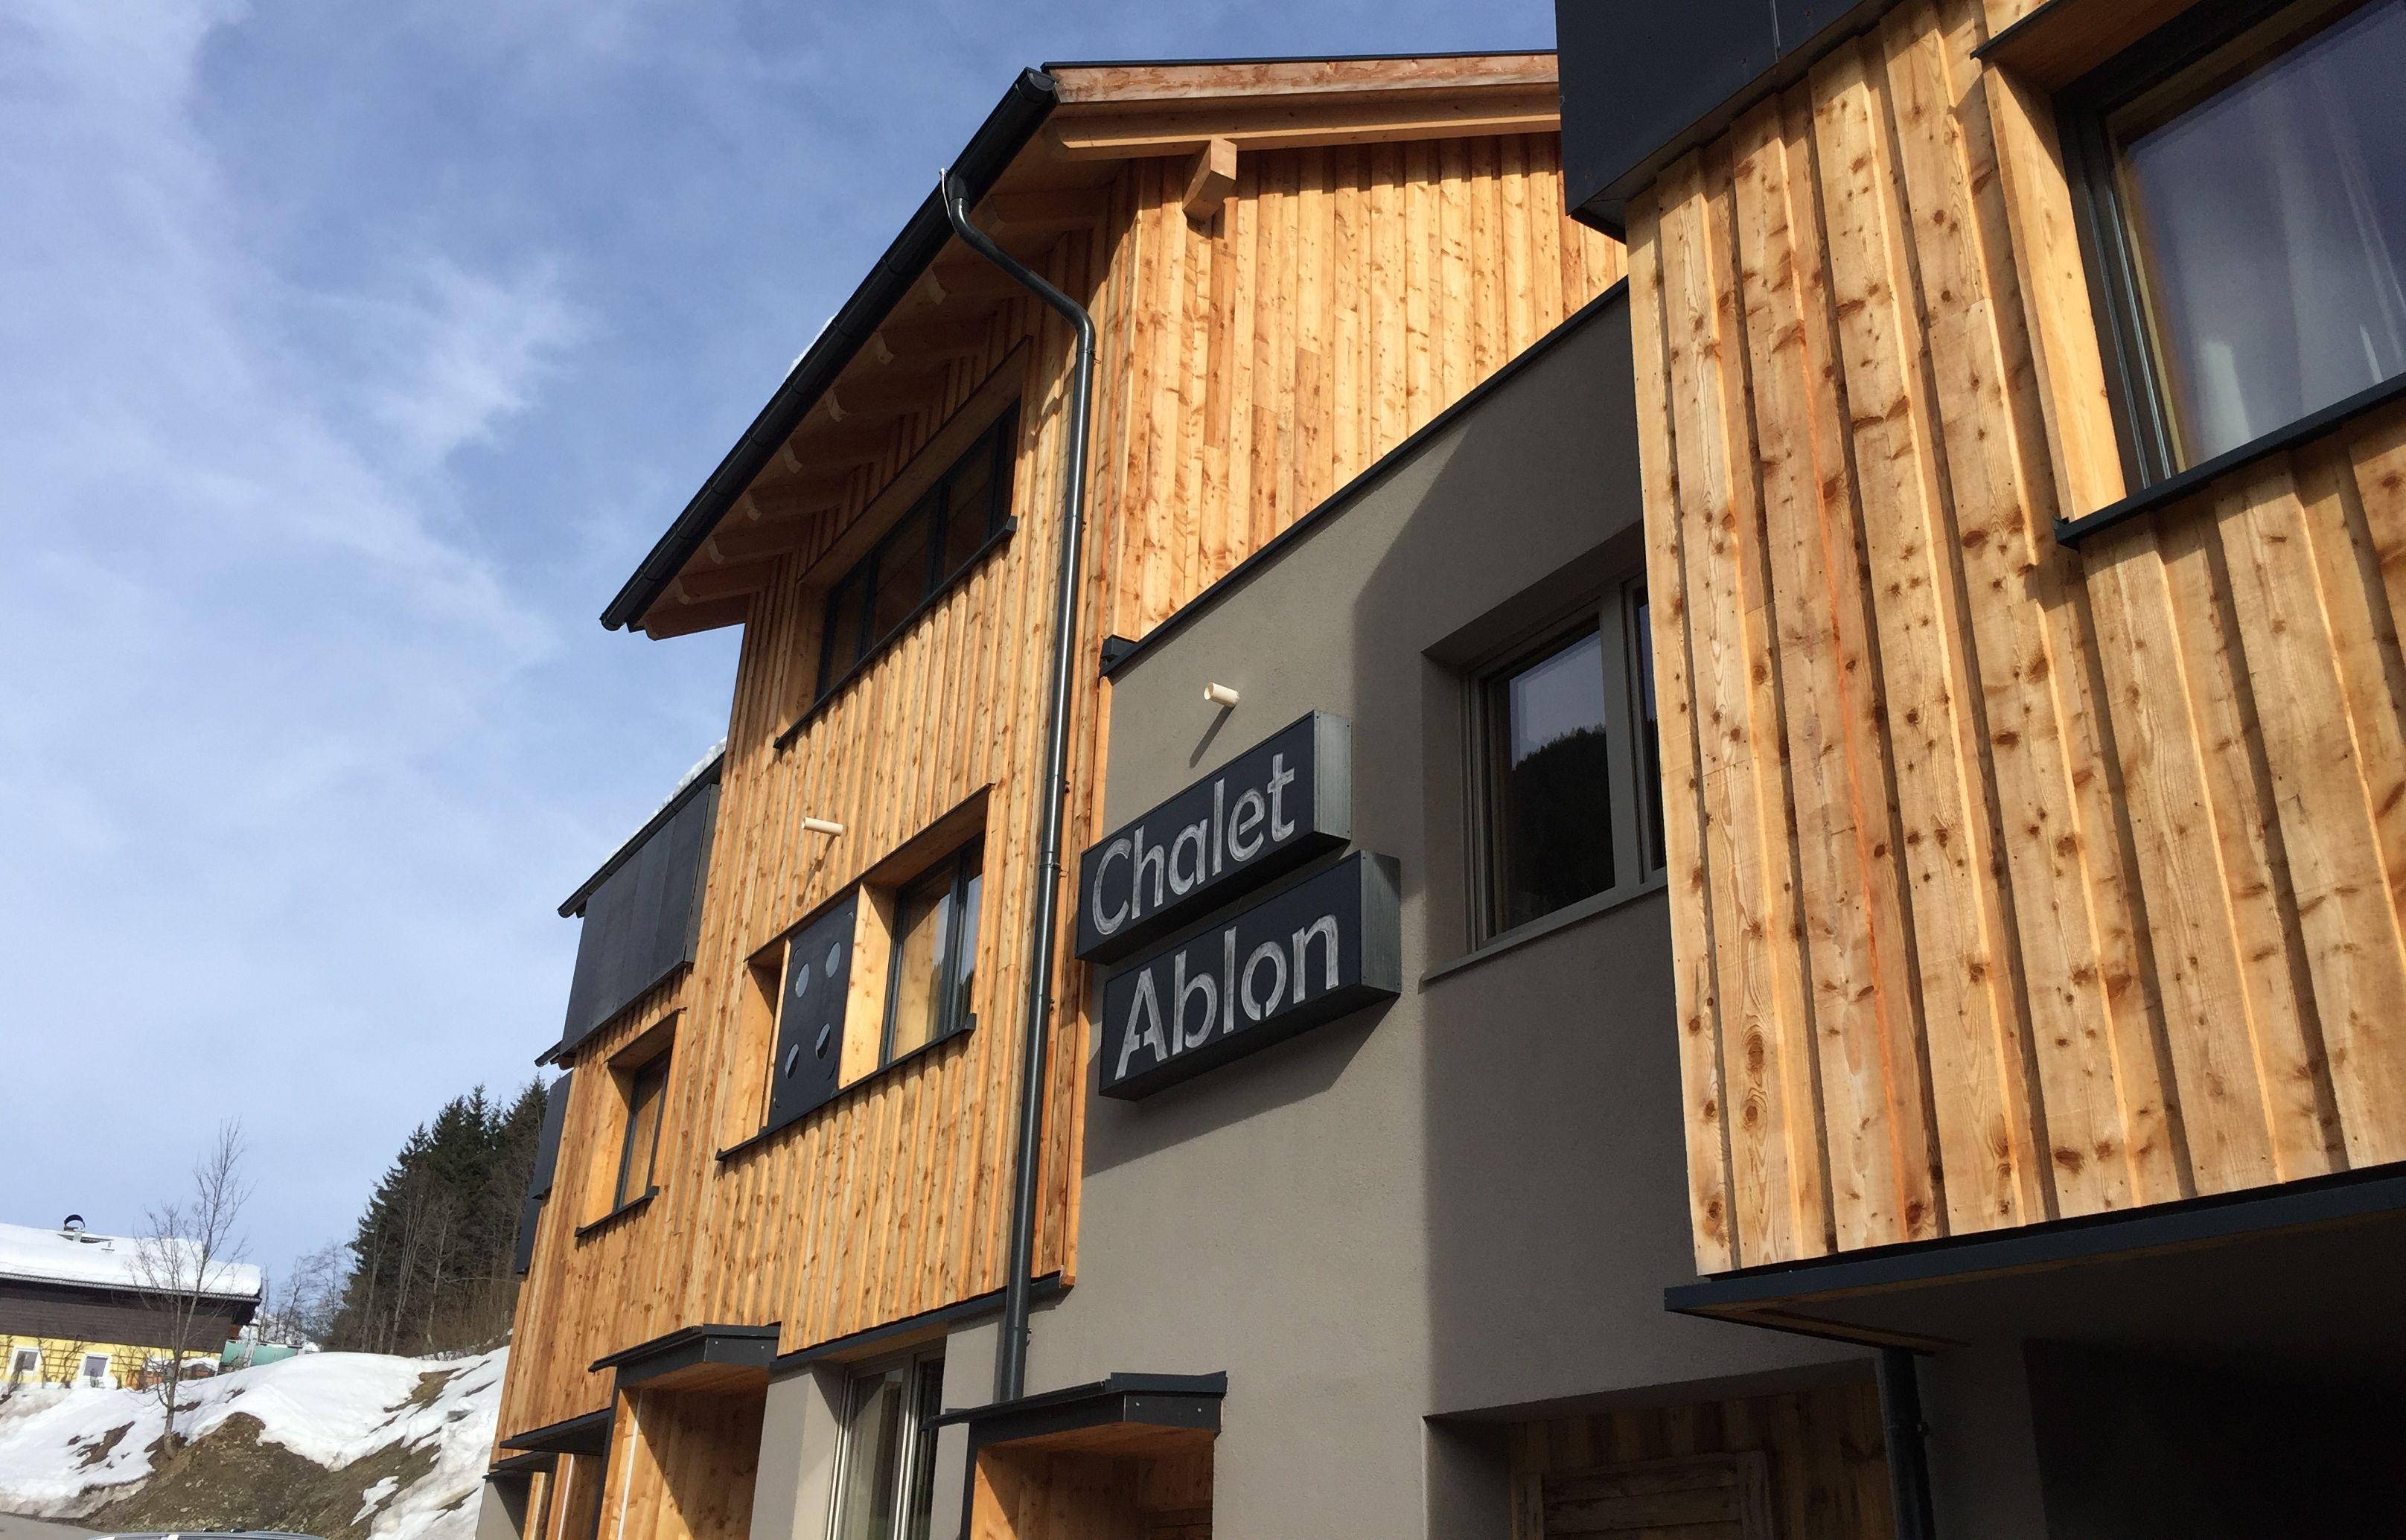 Chalet Ablon Wintersport In Saalbach Hinterglemm Travel Unique